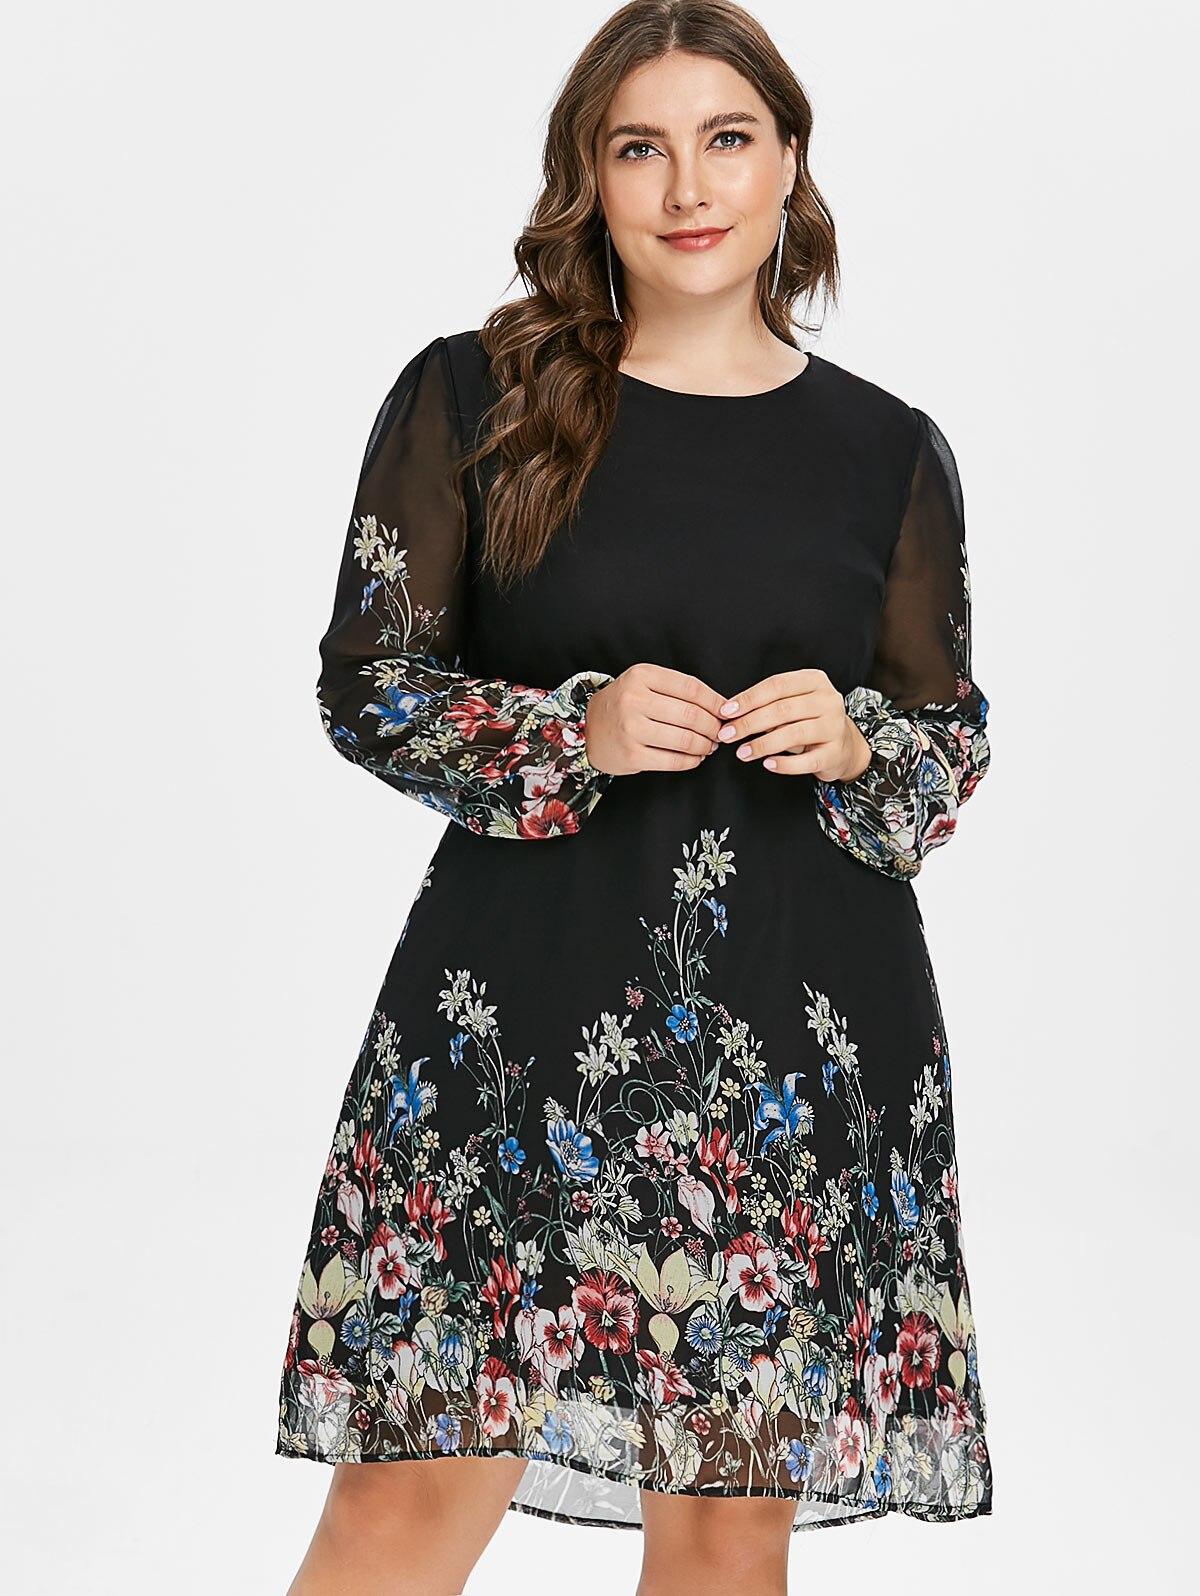 8e45026e5315 Wipalo grande taille imprimé Floral tunique femmes robe à manches longues  automne élégant Tribal fleur imprimer Vocation chemise robe en mousseline  de soie ...